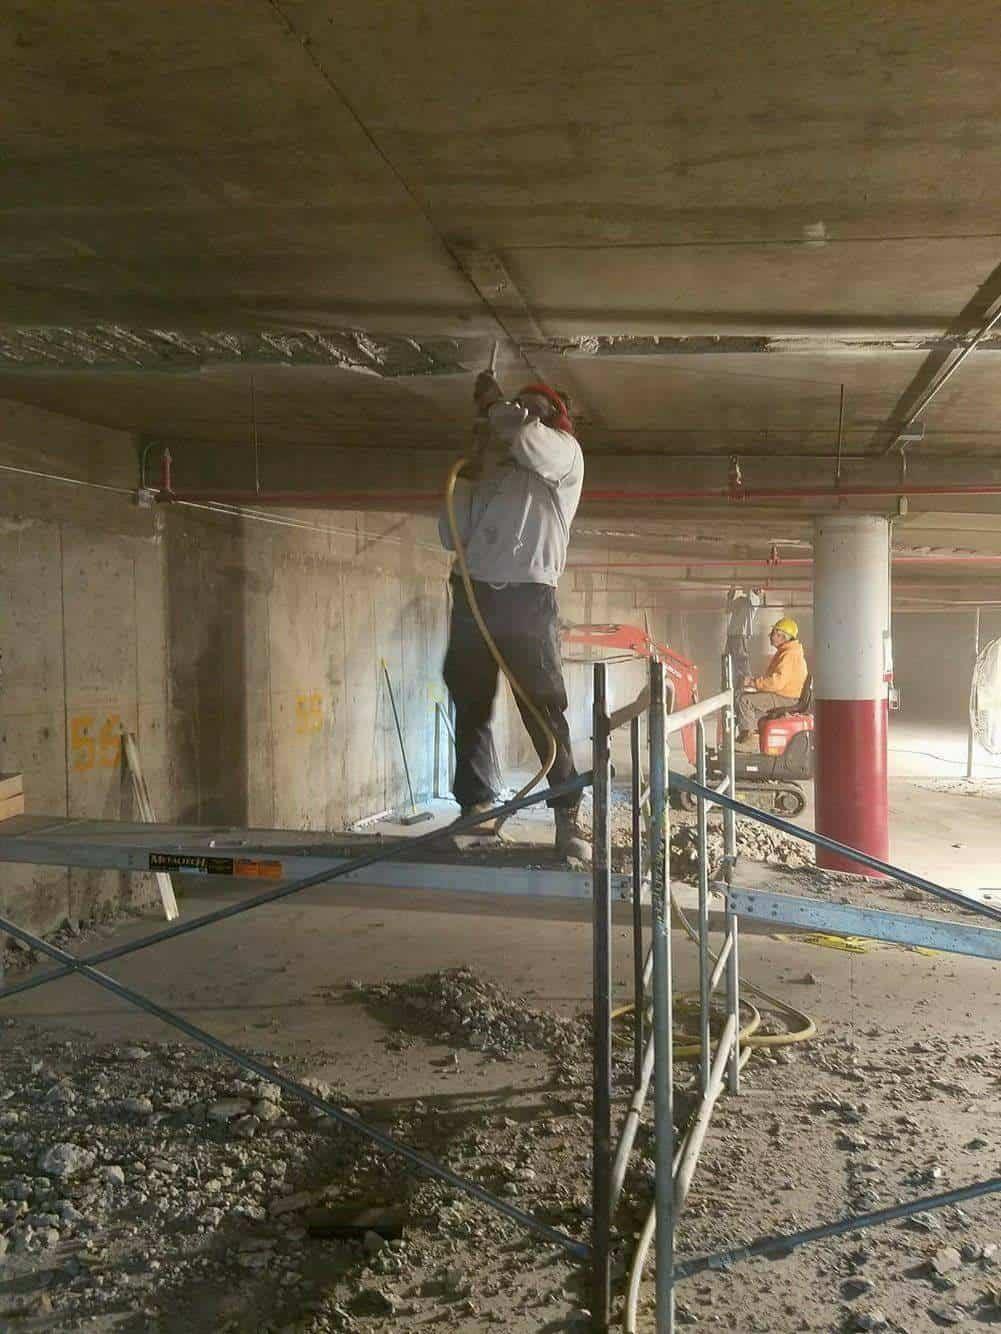 concrete underside repair